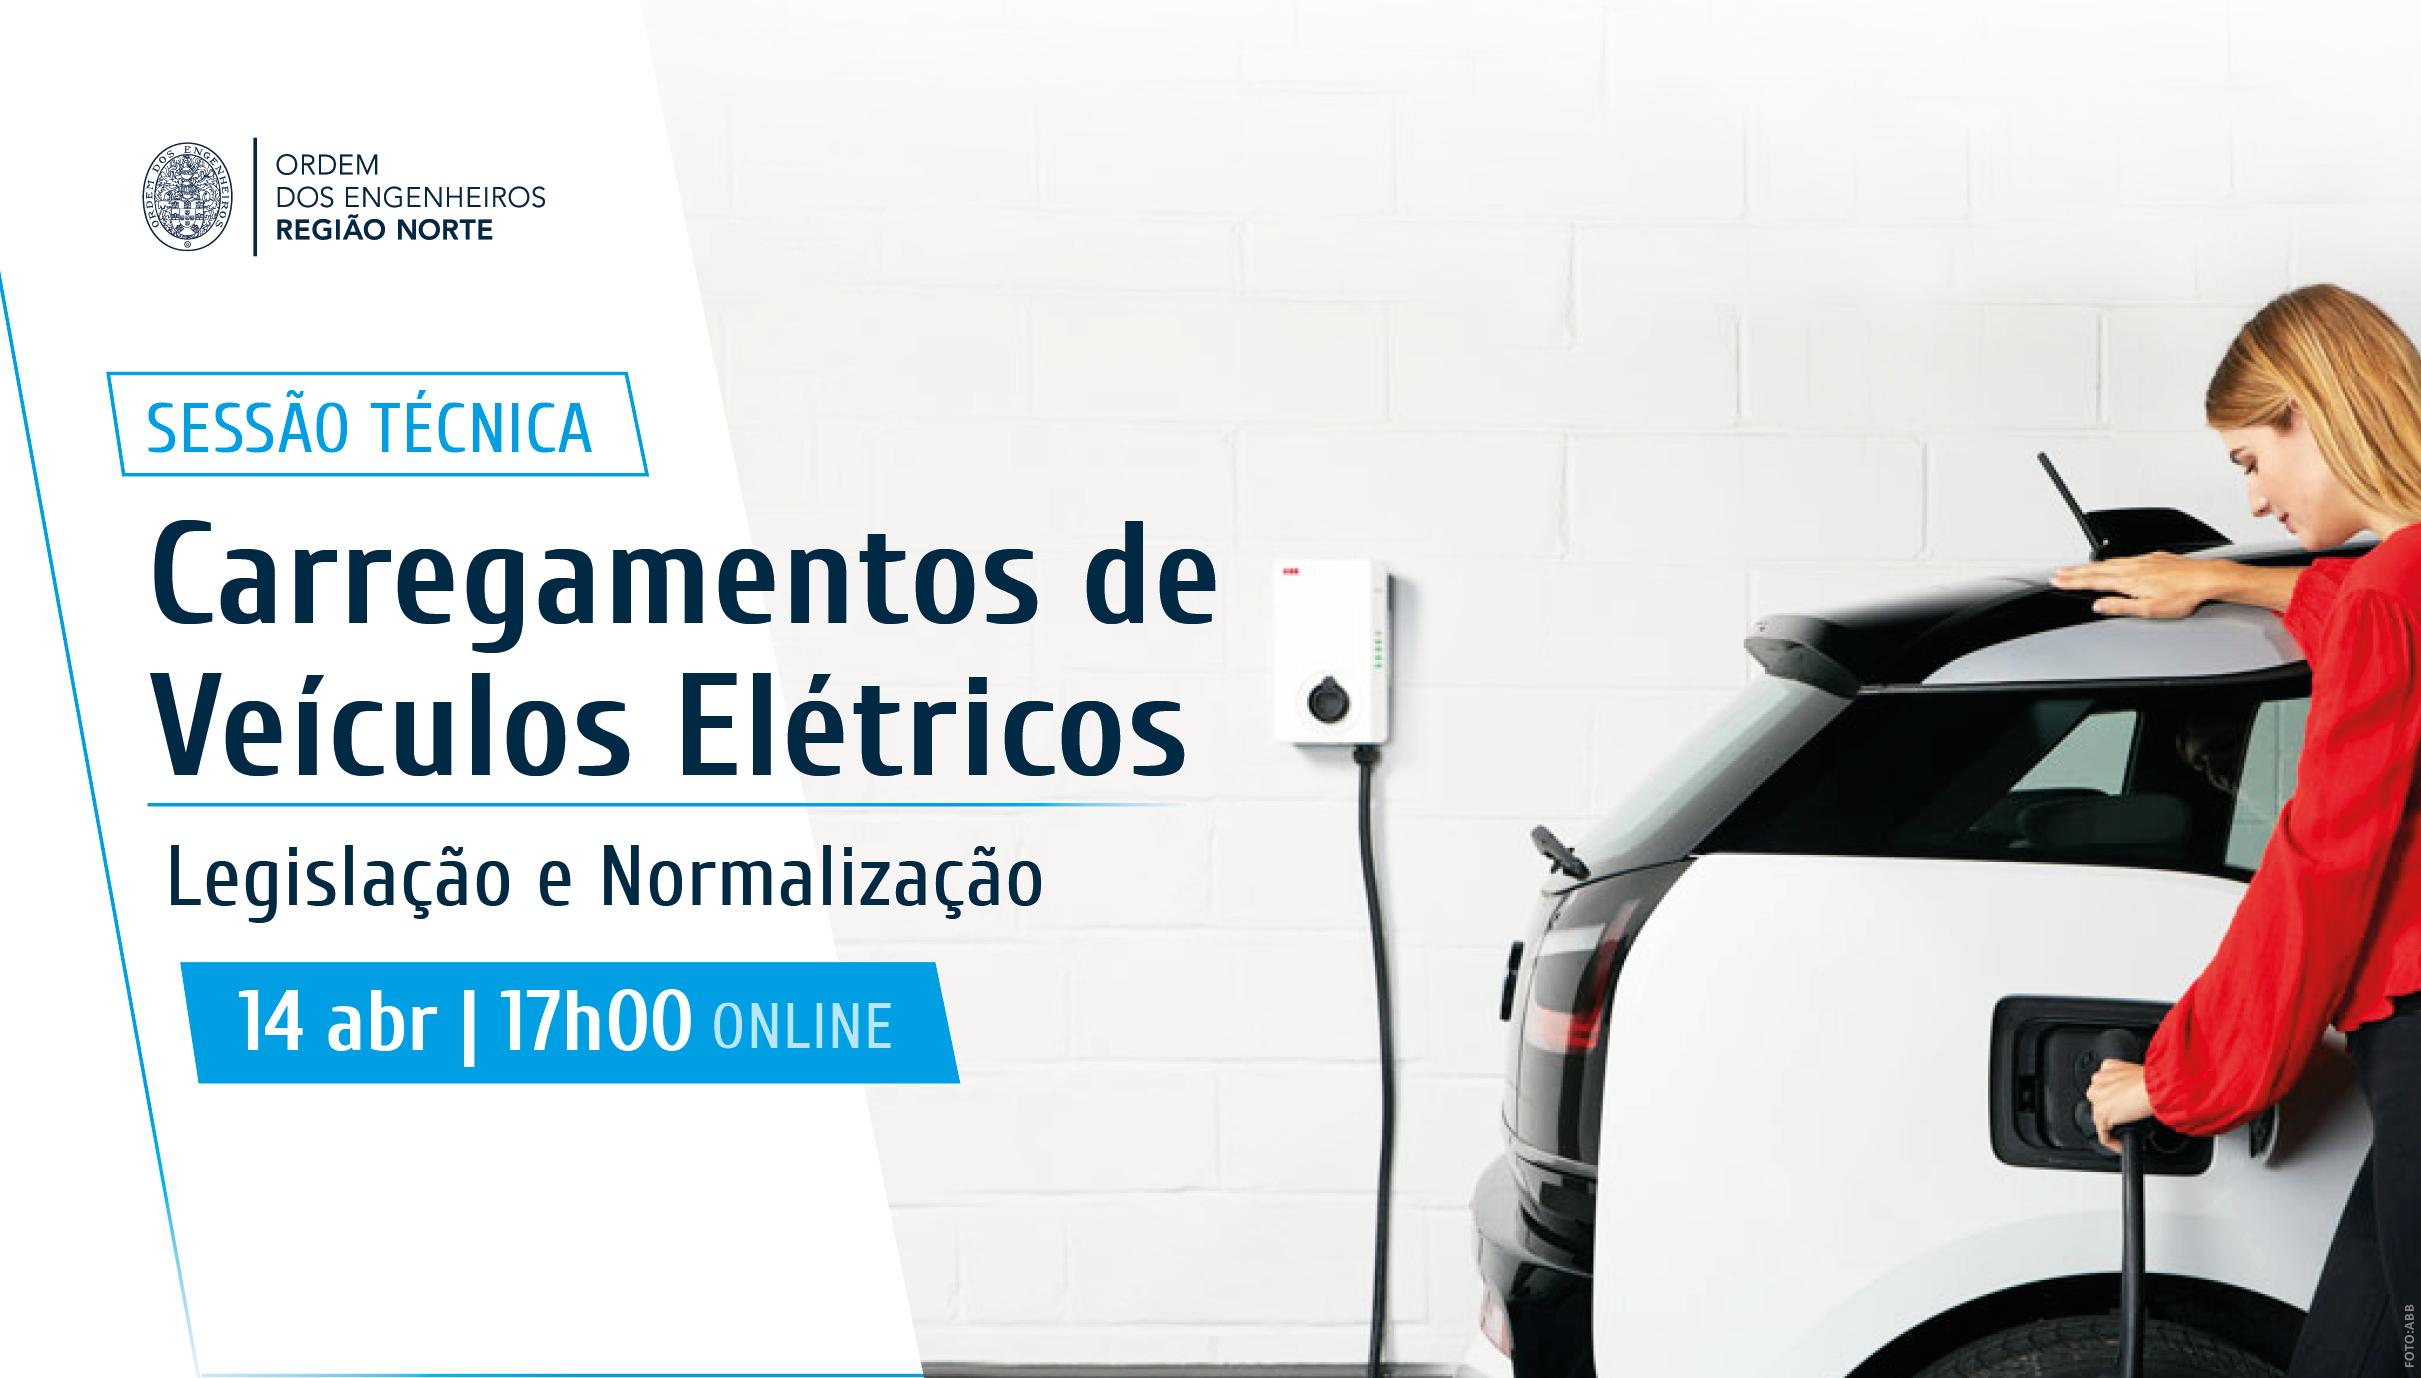 Plataforma Notícias Ordem Engenheiros Região Norte - [Sessão Técnica] Carregamentos de Veículos Elétricos